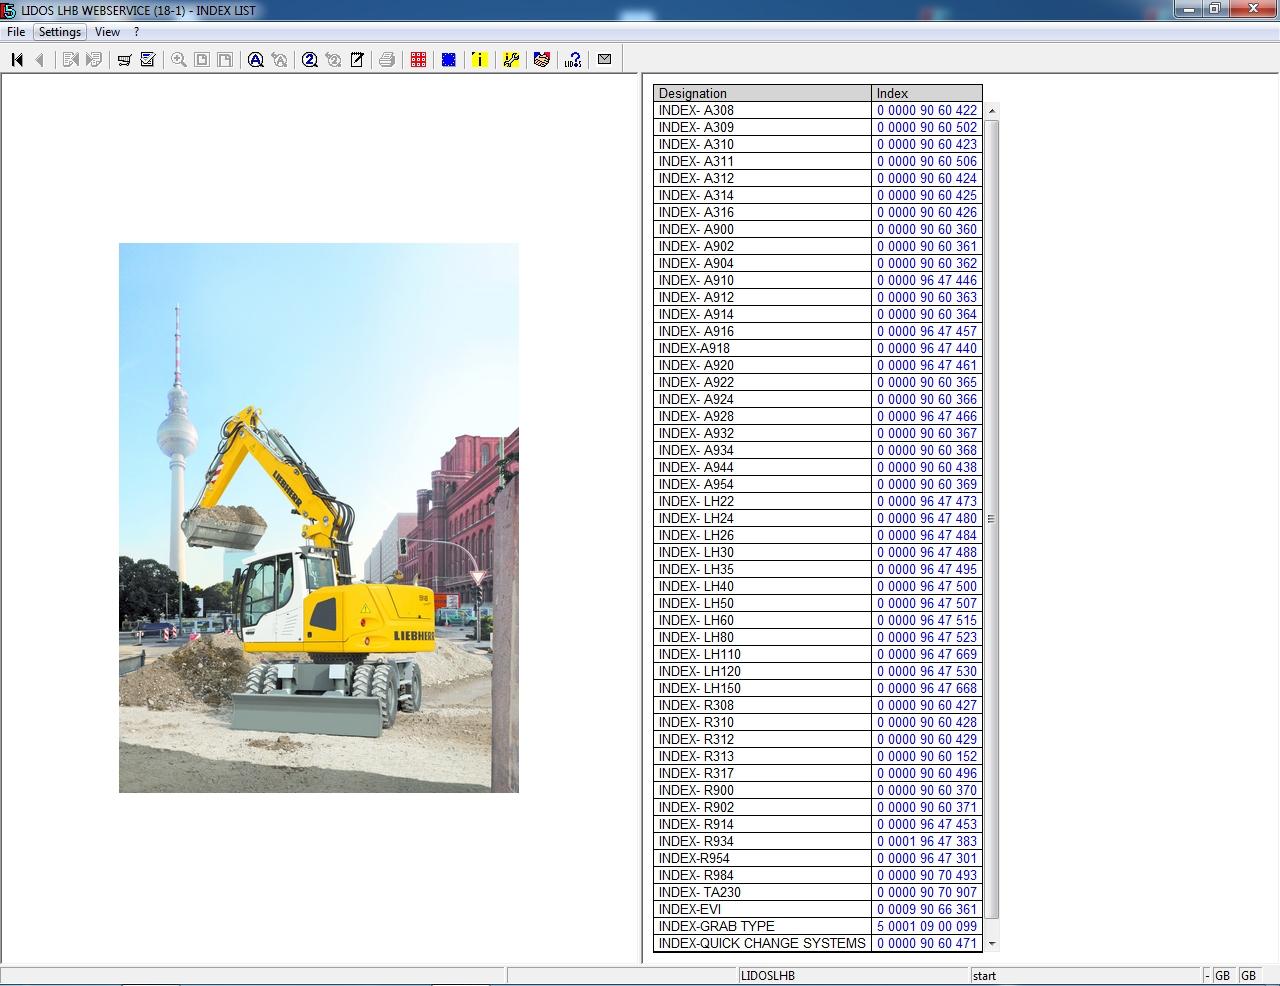 Liebherr_Lidos_COTLBHLFRLHBLWELWT_Online_EPC_Service_Document_Updated_052020_9